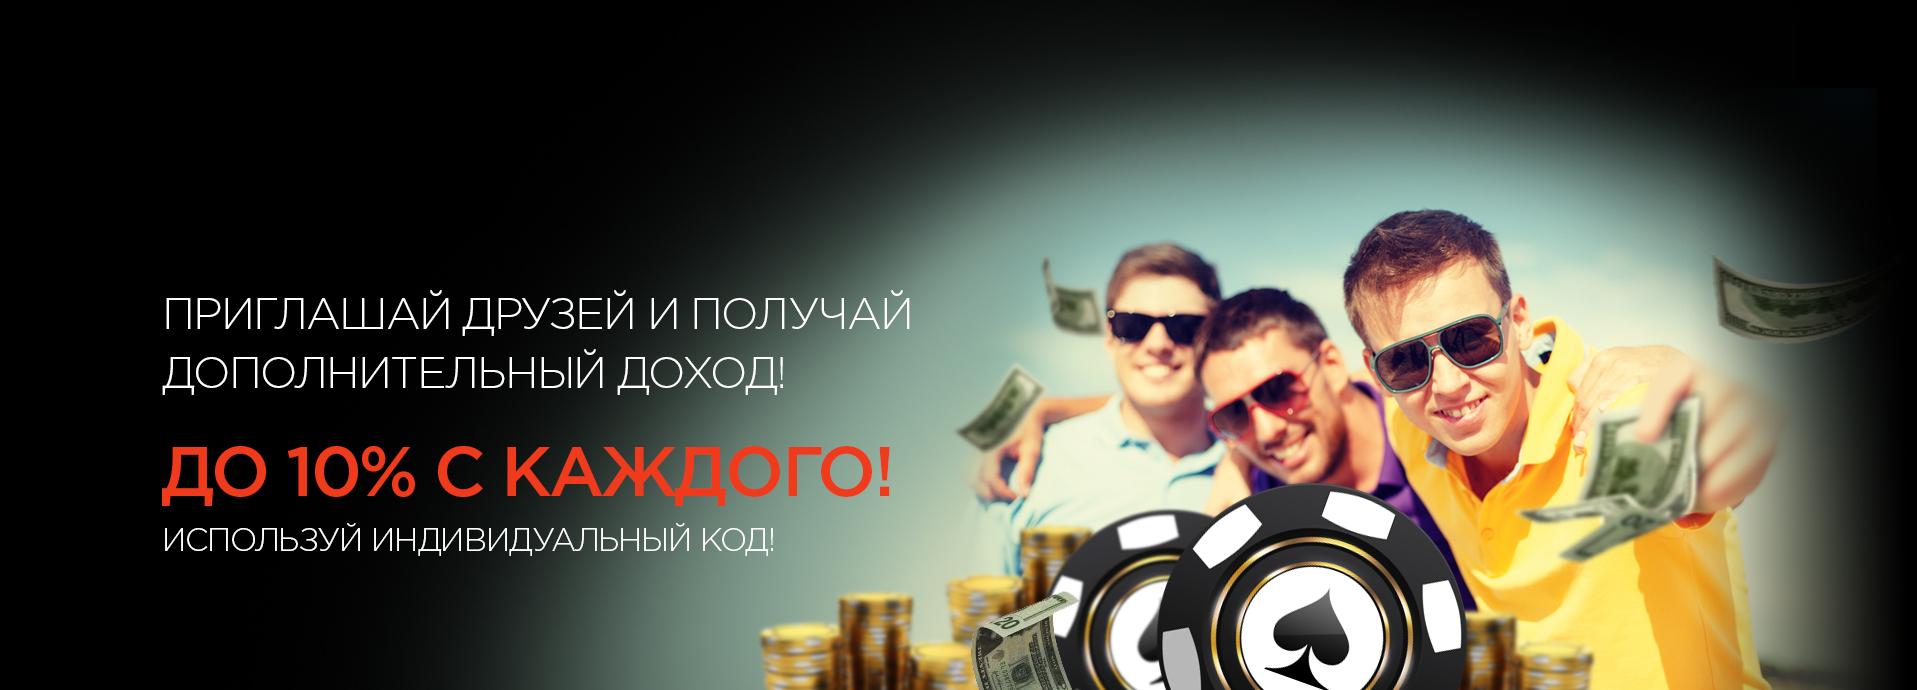 Пригласи друзей и получай доход от их игры на РуПокер